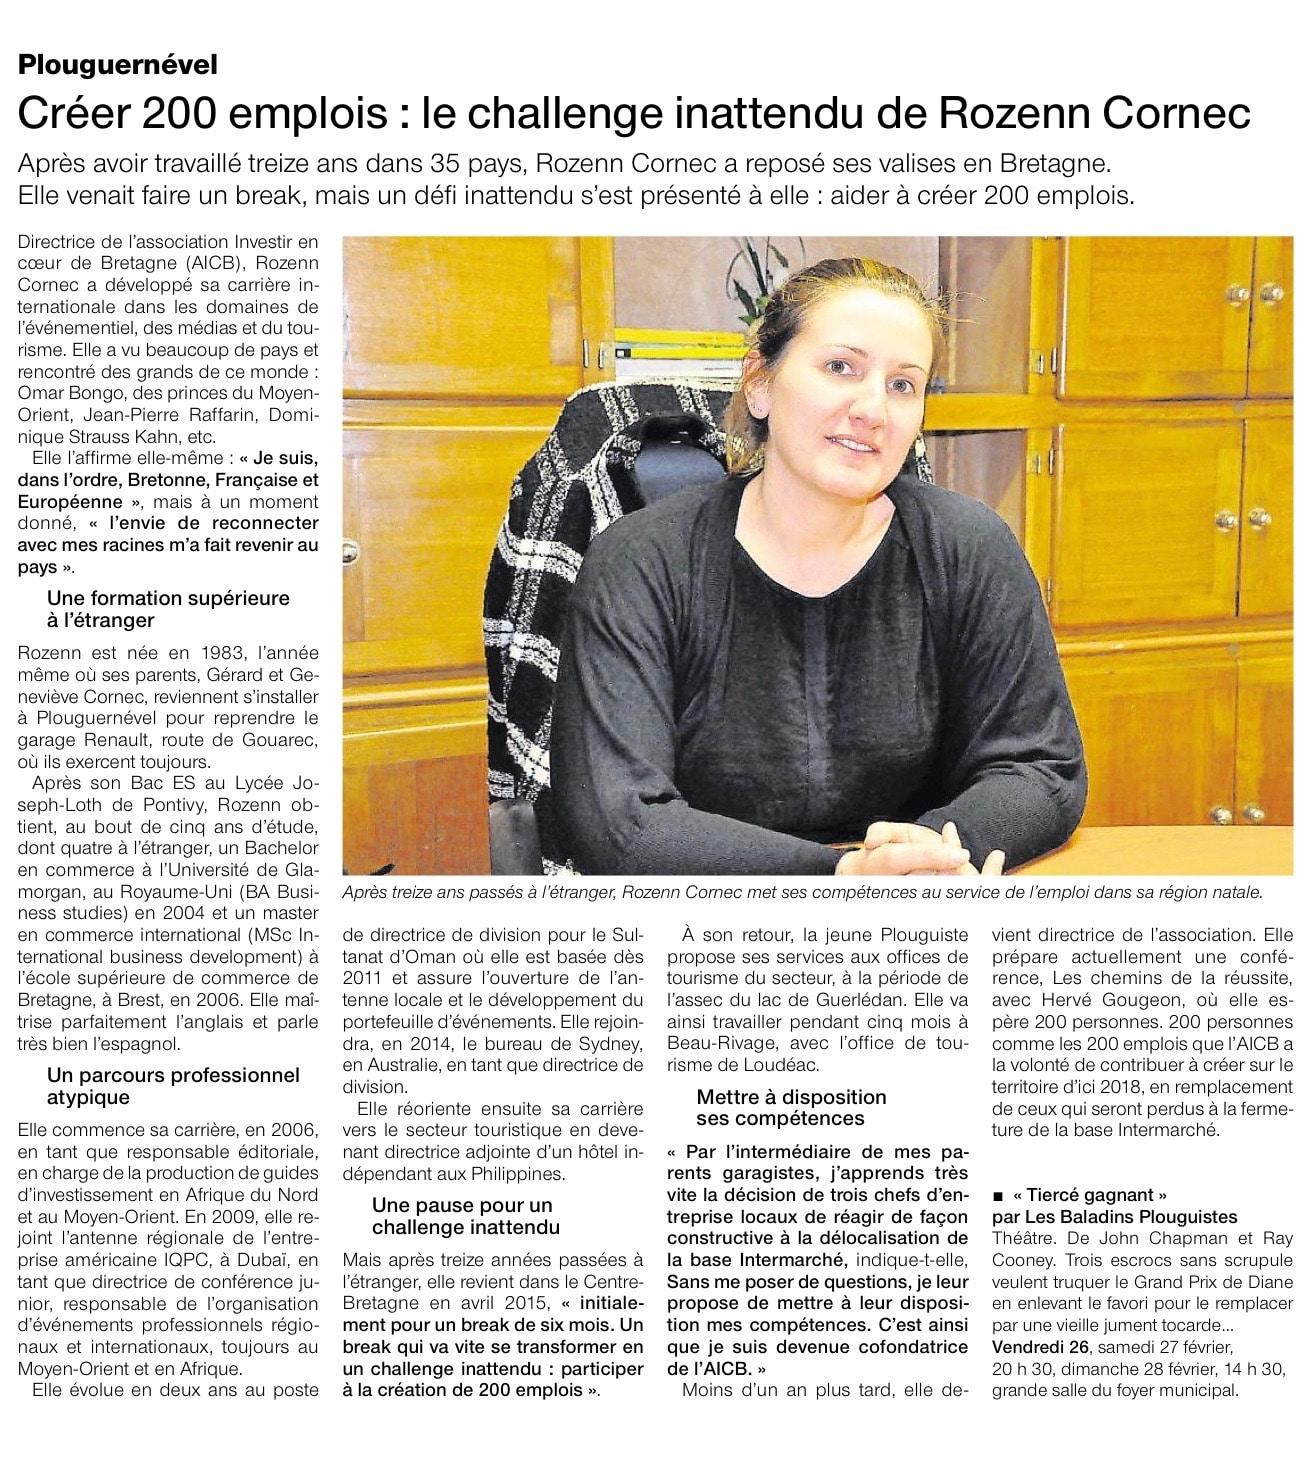 Communiqué de Presse - Créer 200 emplois : le challenge inattendu de Rozenn Cornec - Ouest France